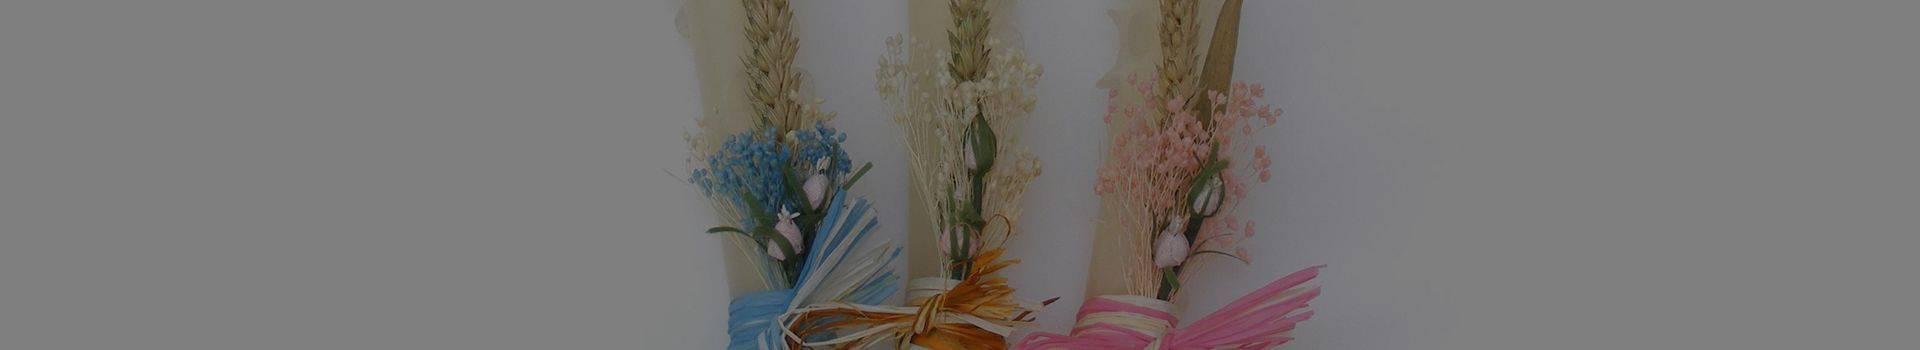 Velas de bautizo decoradas con flores y cintas - Cereria Pinsart